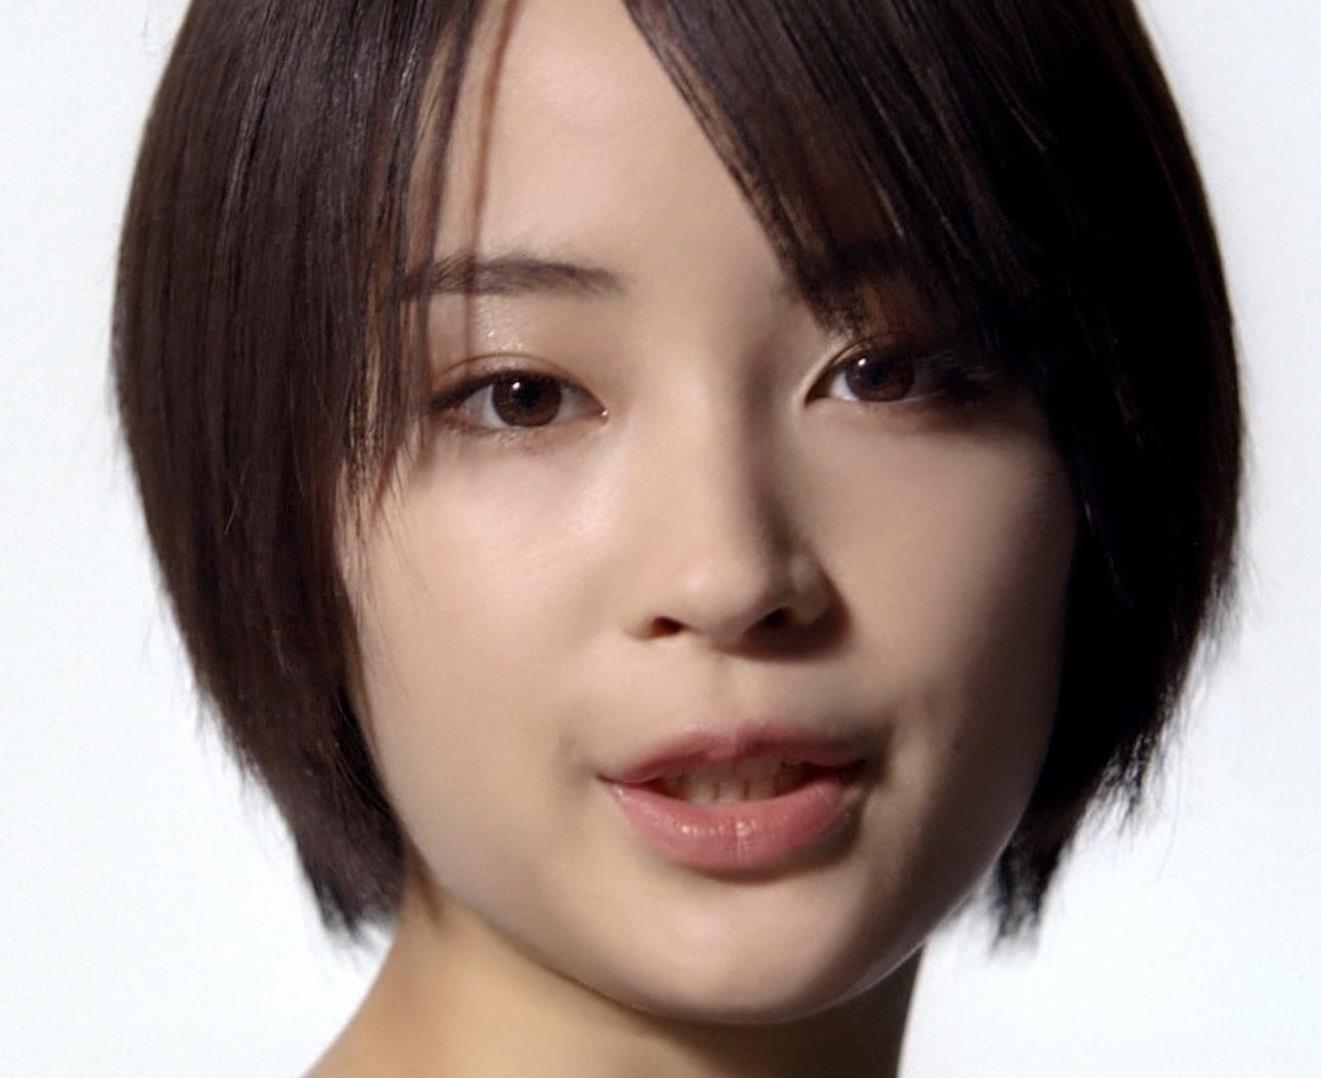 広瀬すず ミニスカ太もも&ニーハイソックスキャプ・エロ画像2